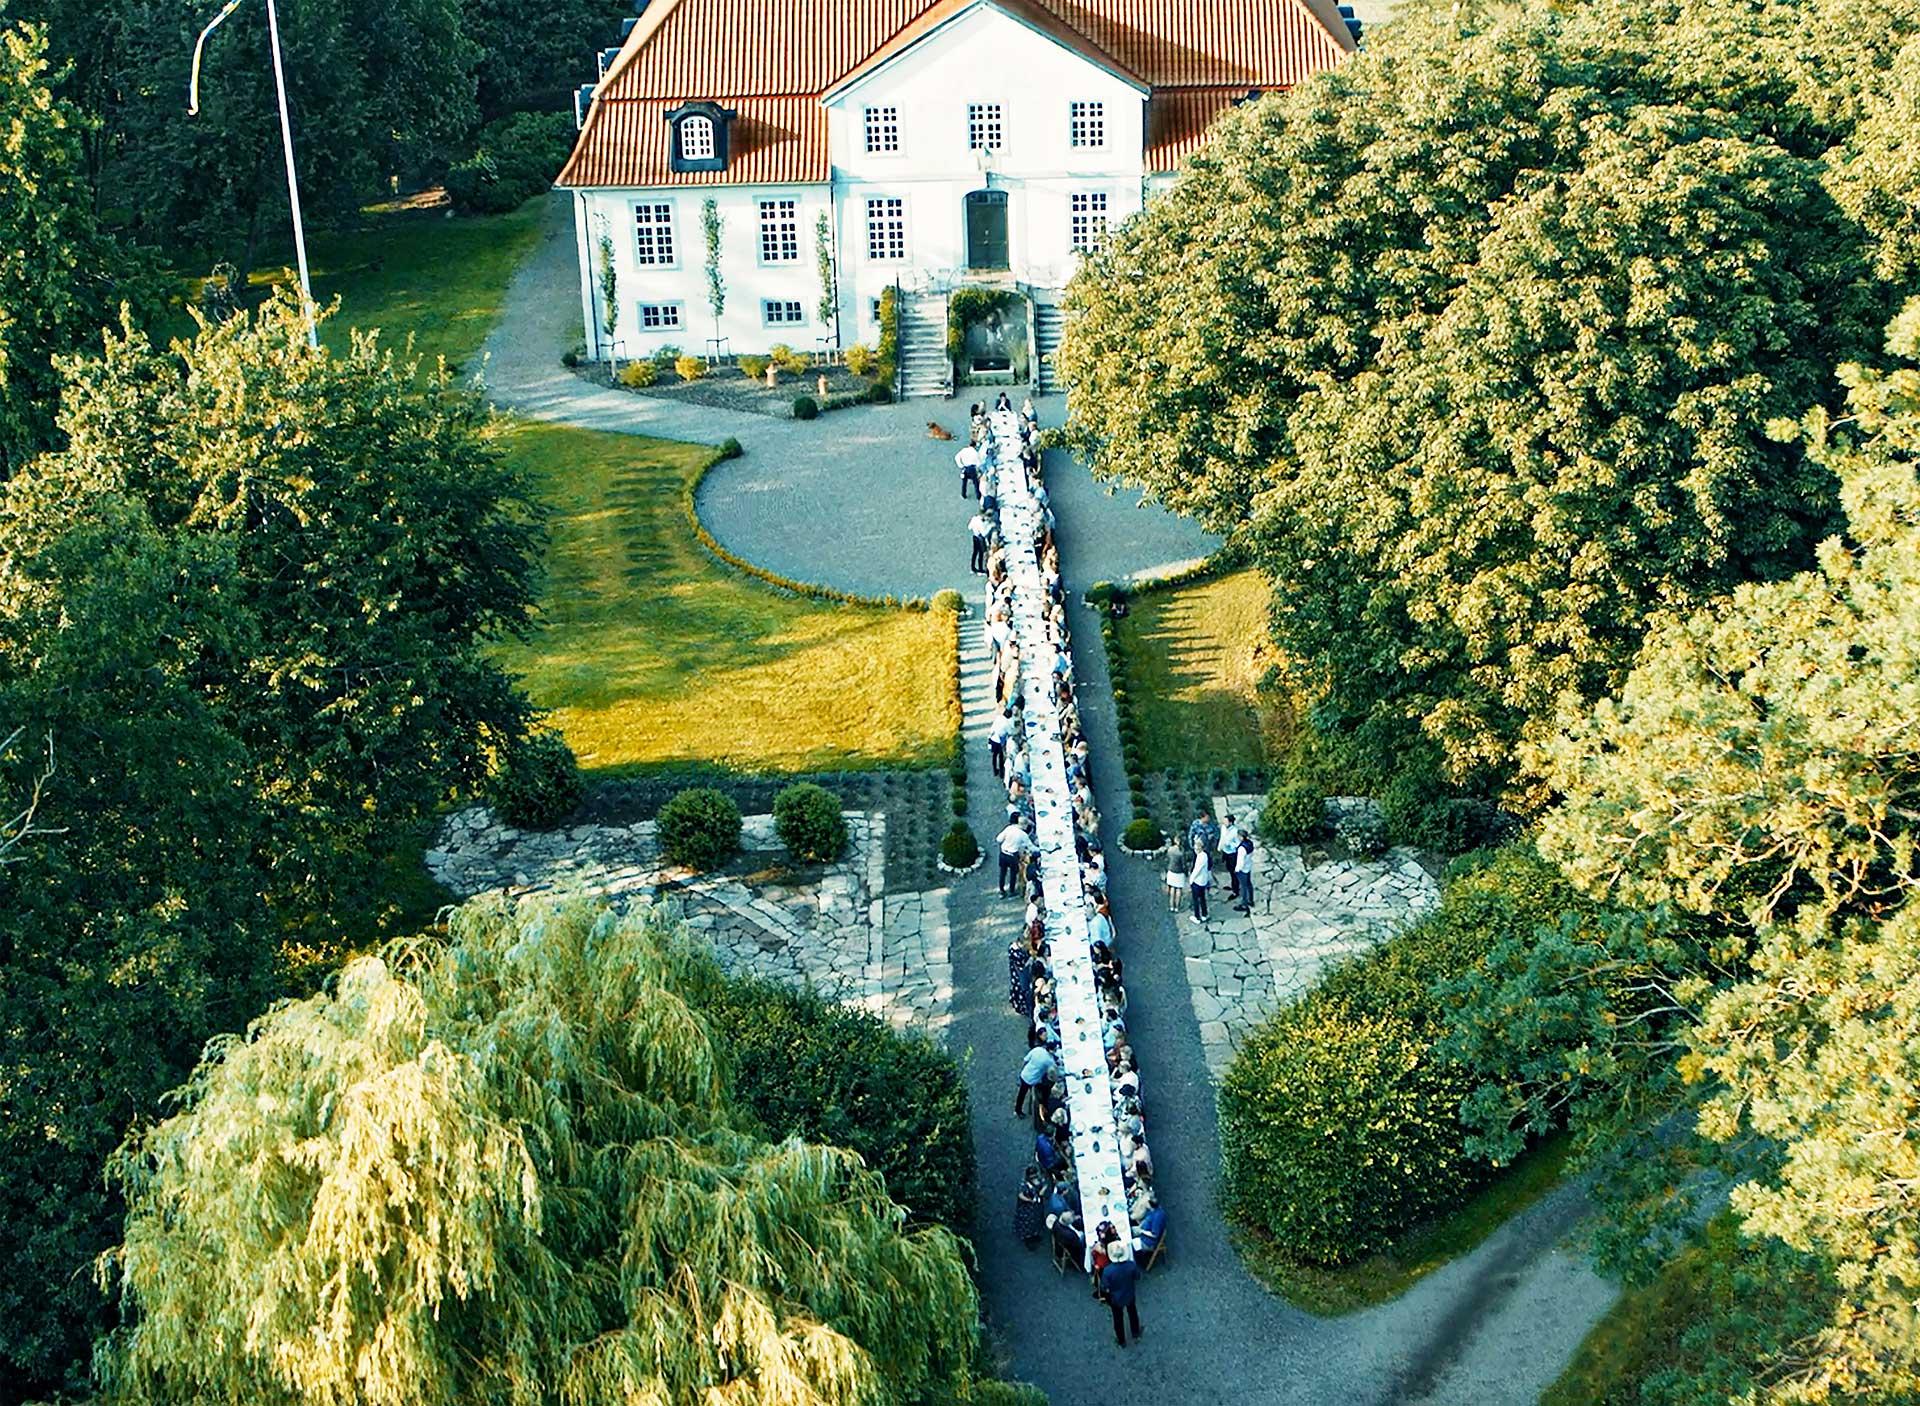 Kåseholm slott / Kåseholm castle